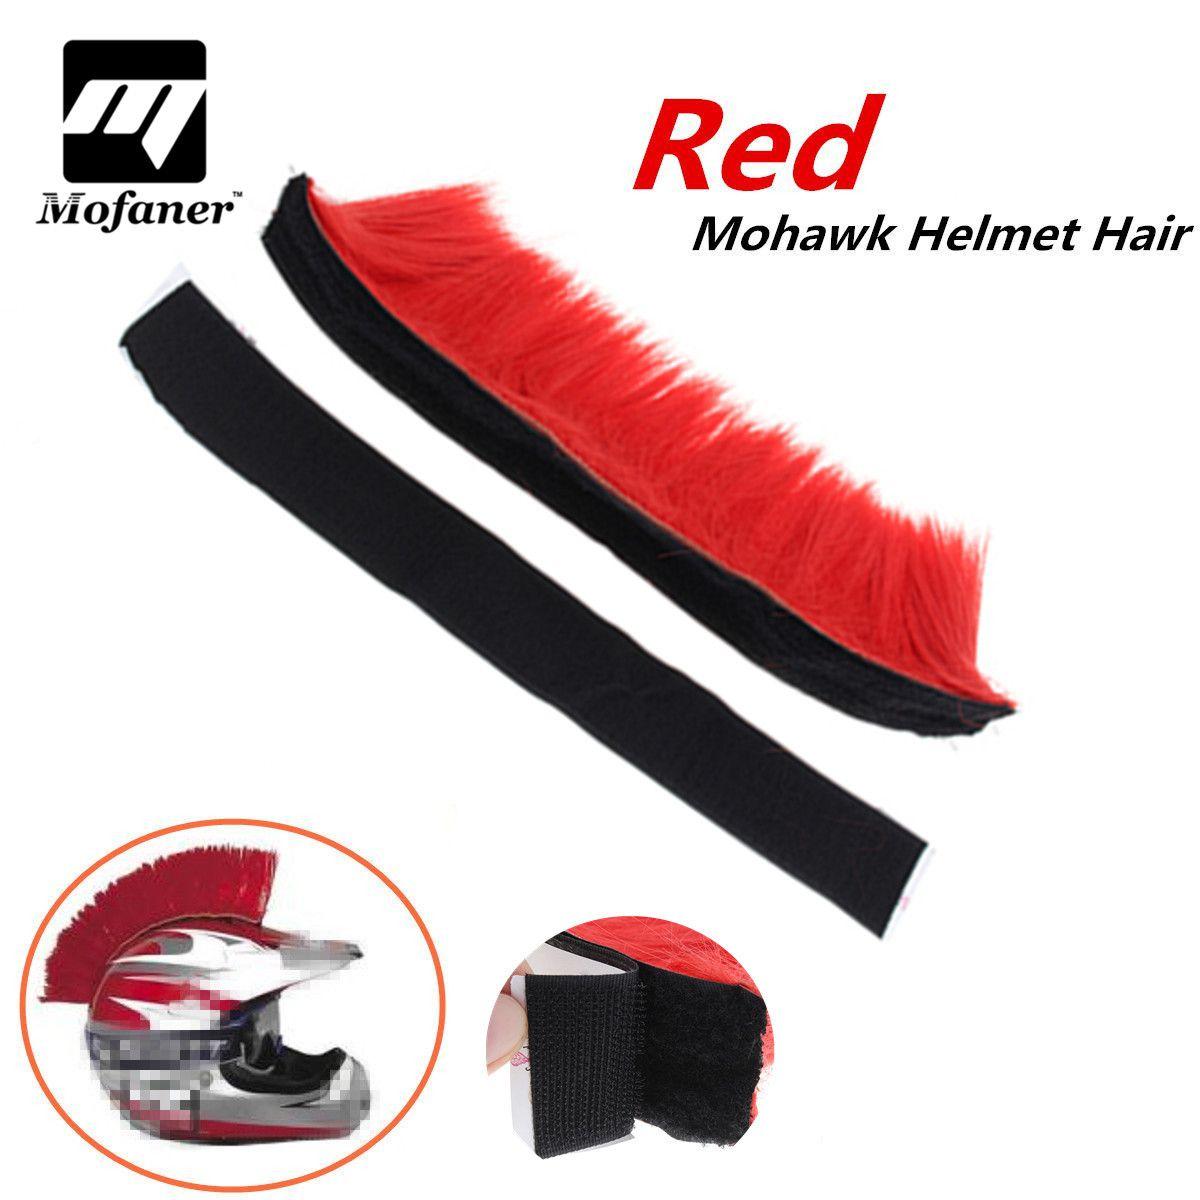 Mofaner Motocross Racing Mohawk Helmet Hair Punk Hair For Motorcycle Helmet Ski Snowboard Paintball Bike Skateboard Race